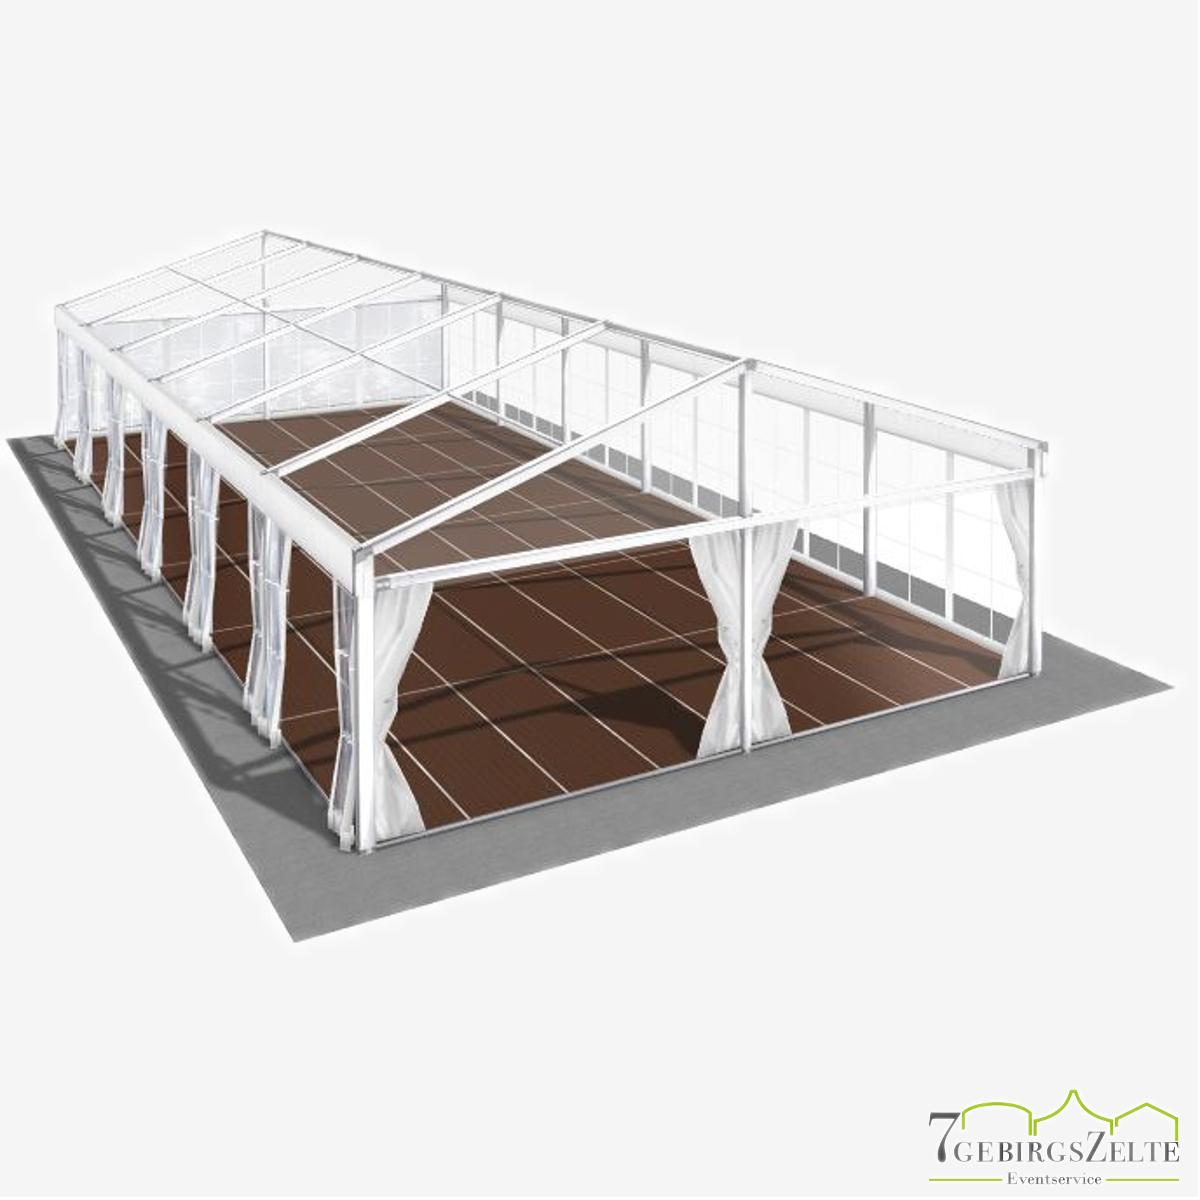 Eventzelt mit Kassettenboden und Volltransparent, Giebelbreite 8 m